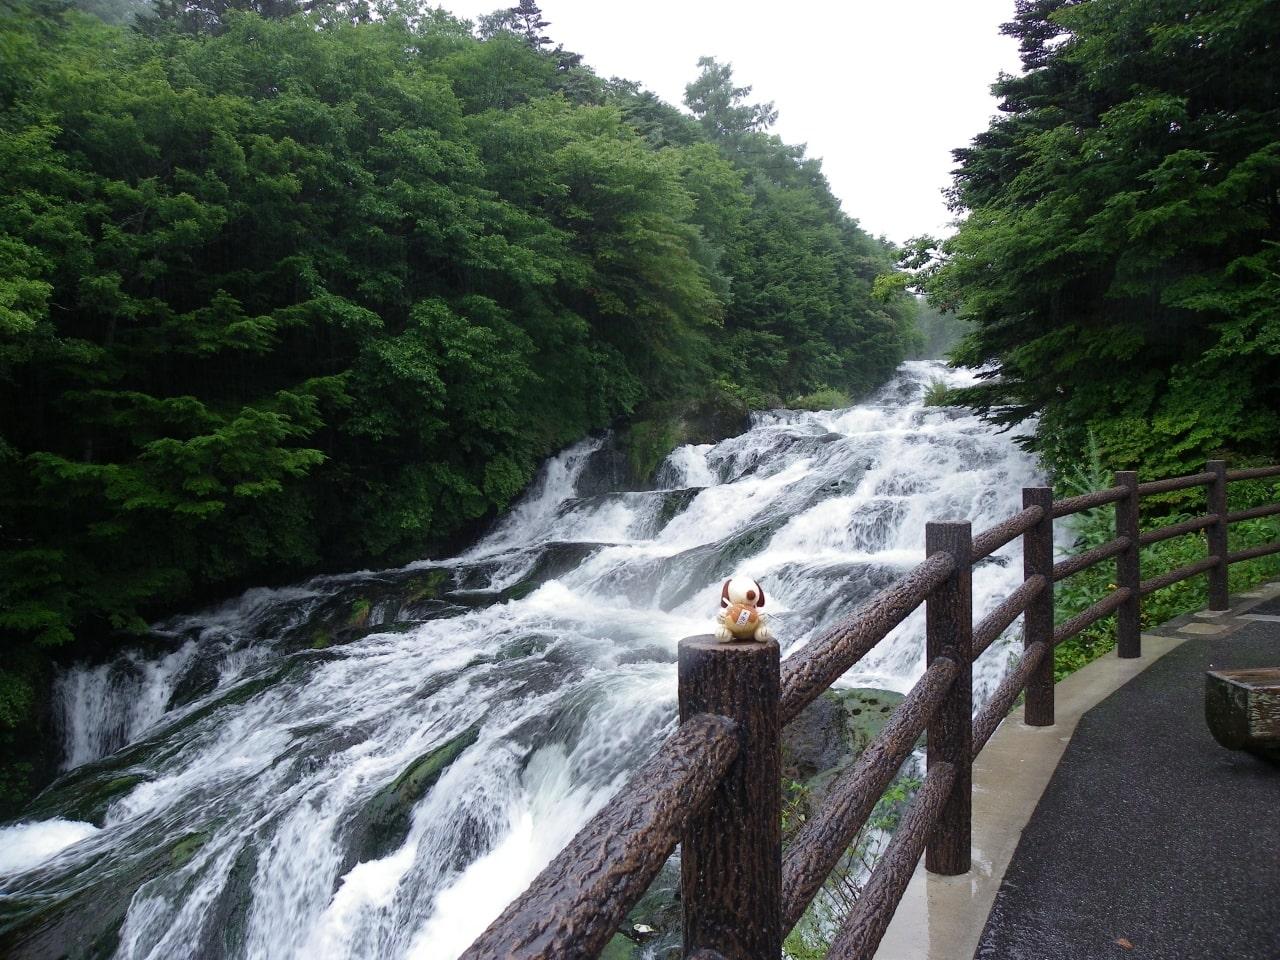 TOP đơn hàng LƯƠNG KHỦNG khi đi XKLĐ tại Tochigi, Nhật Bản